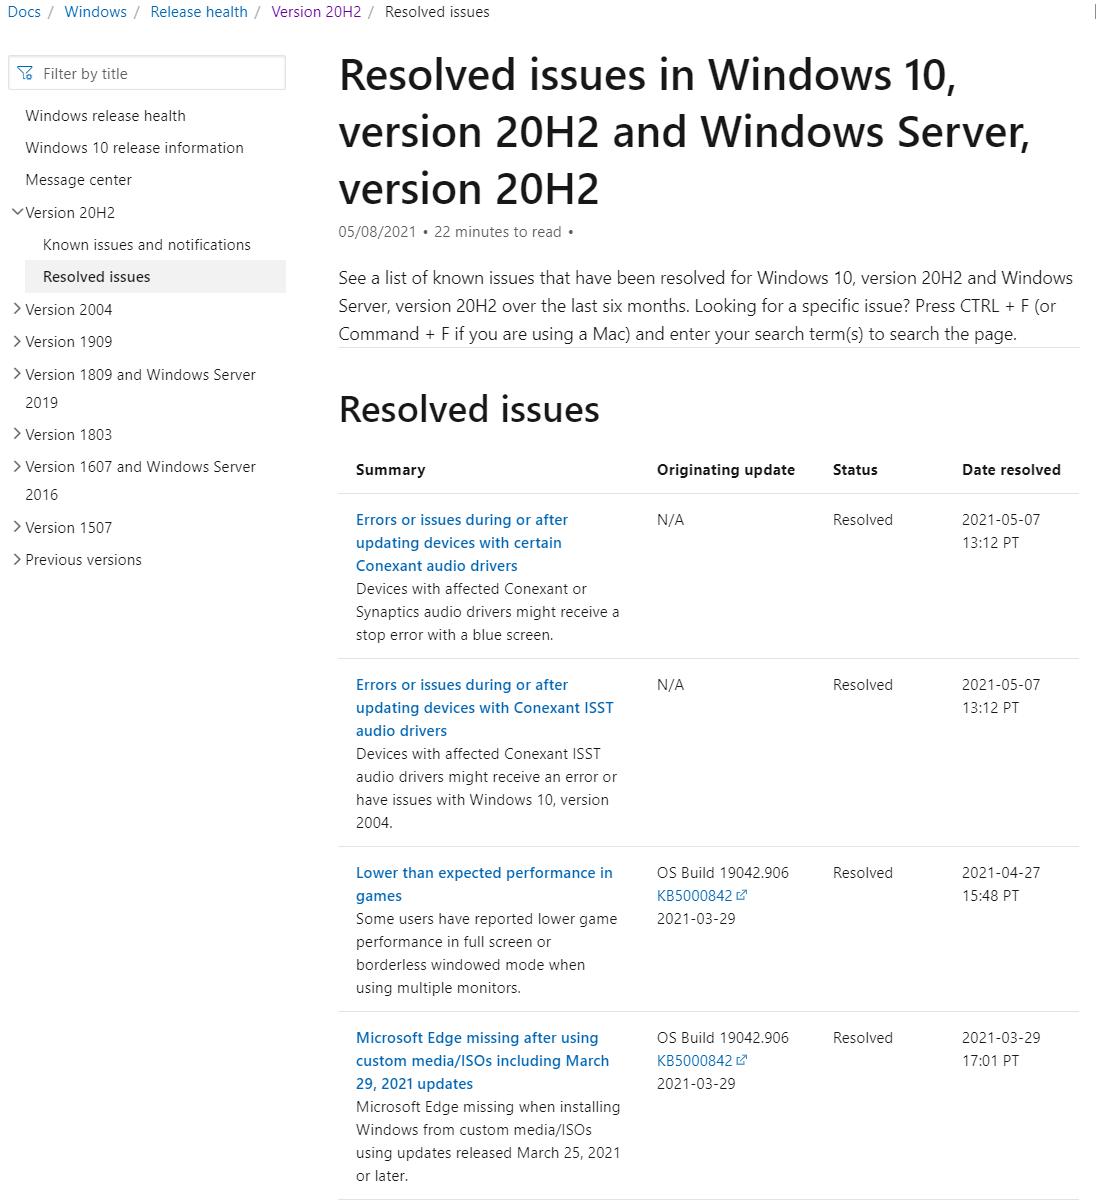 微软修复故障,解决系统无法升级至 Win10 2004、20H2 的 Bug